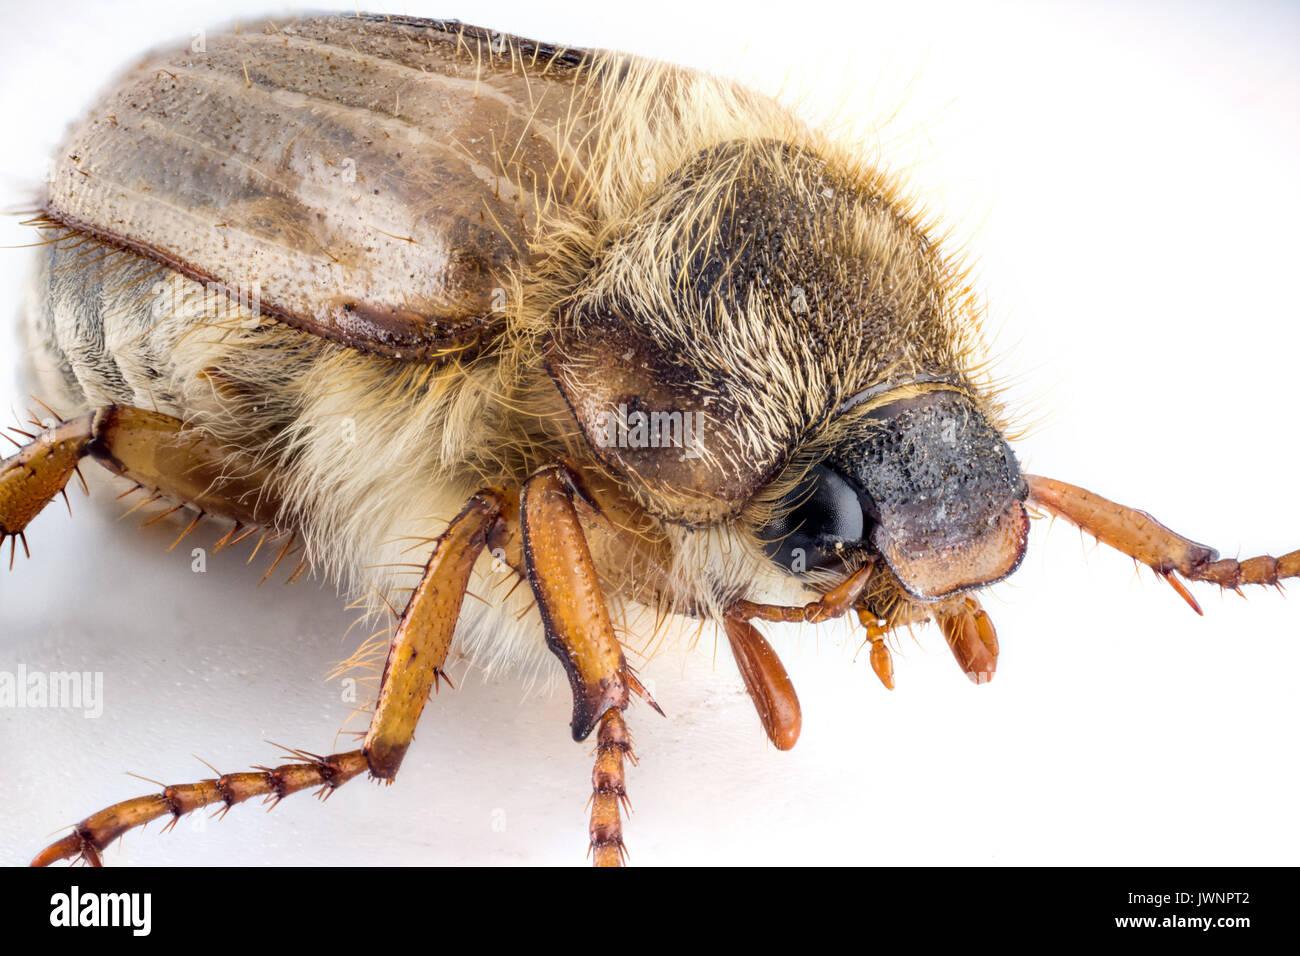 Bug Cockchafer isolated on white background macro photography Stock Photo